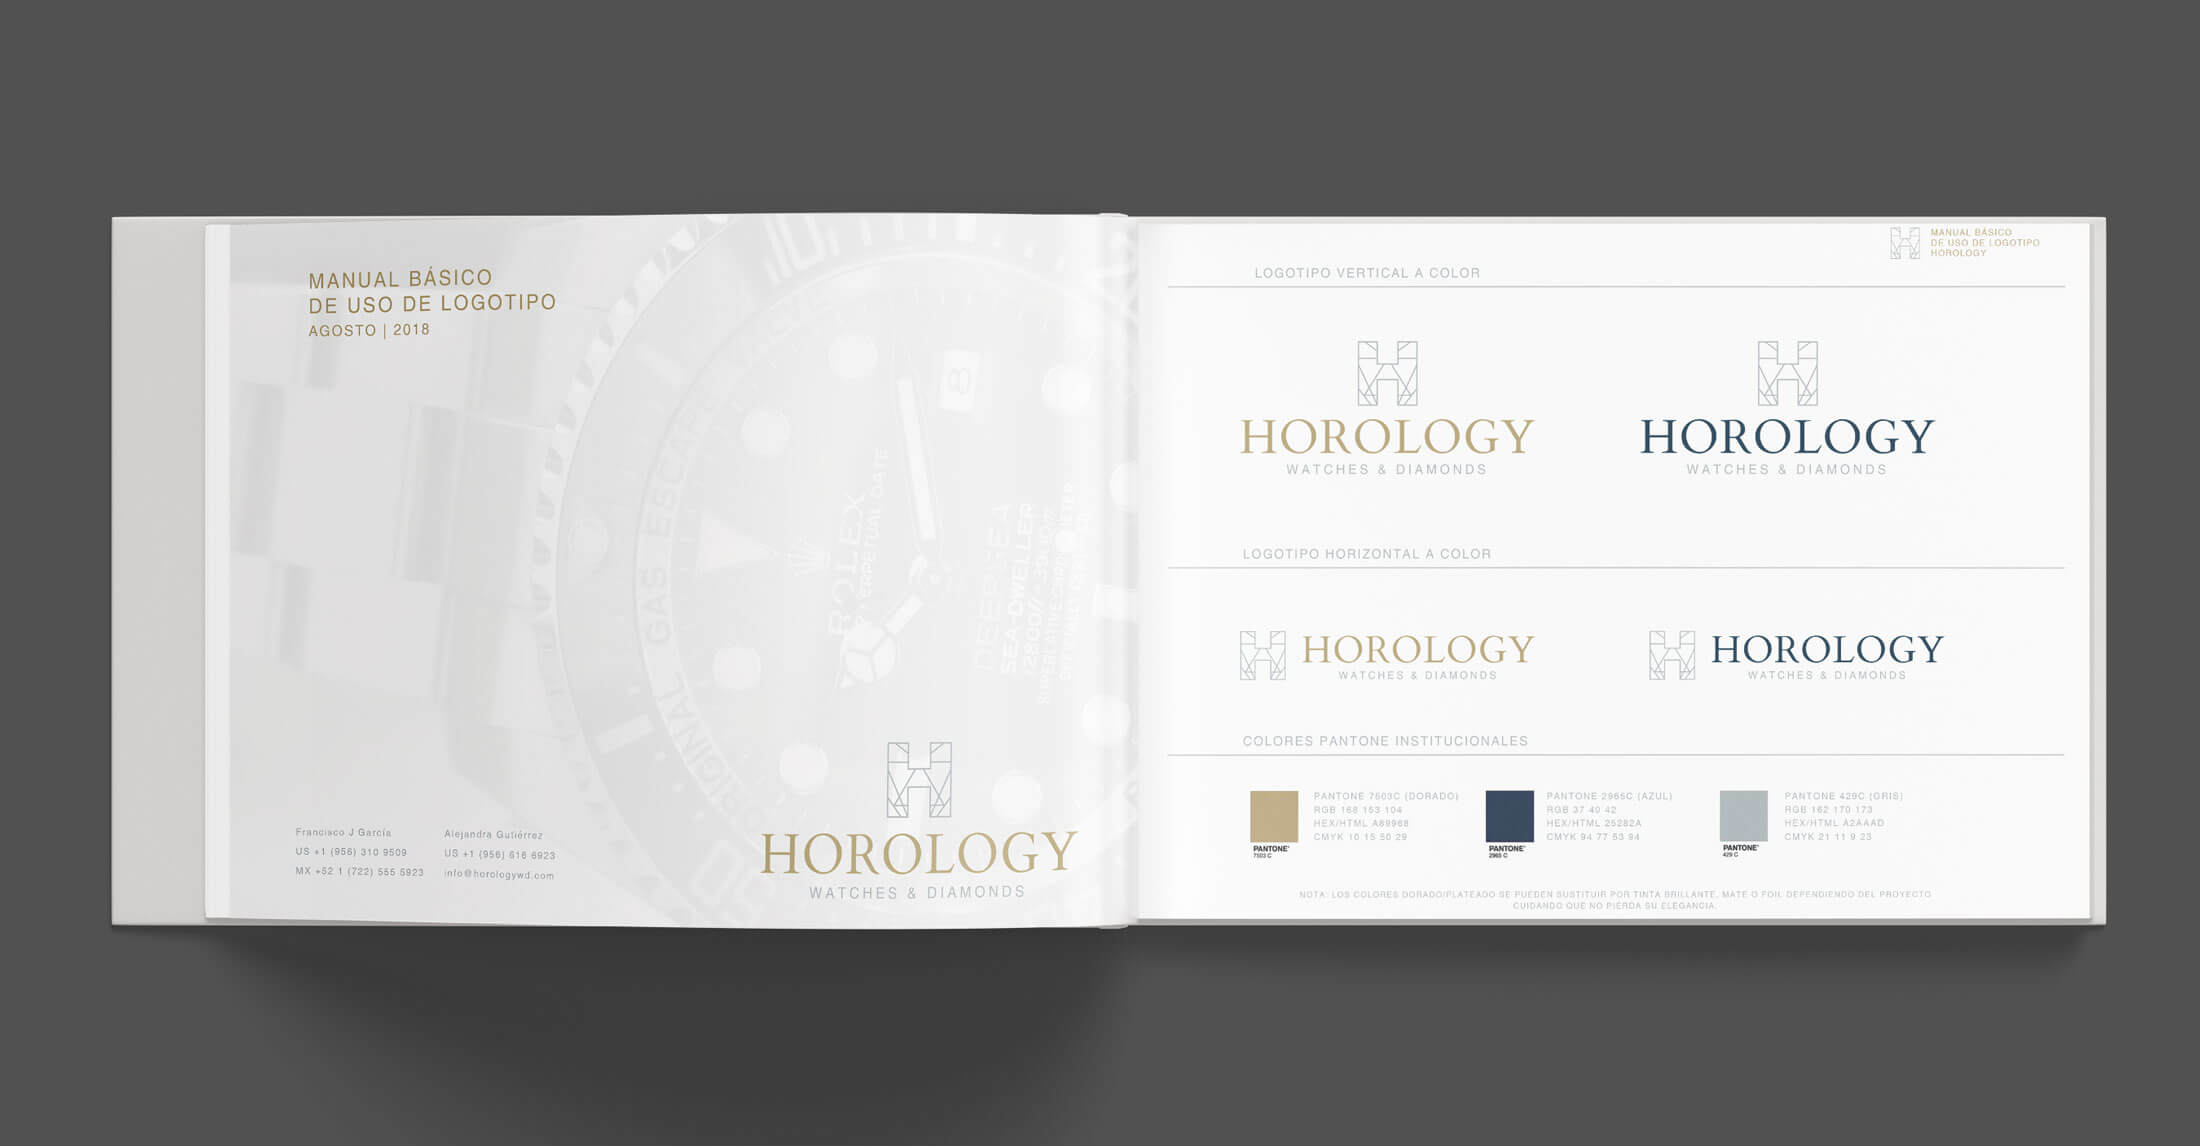 Diseño de Logotipo y Manual de Imagen para Joyería Horology